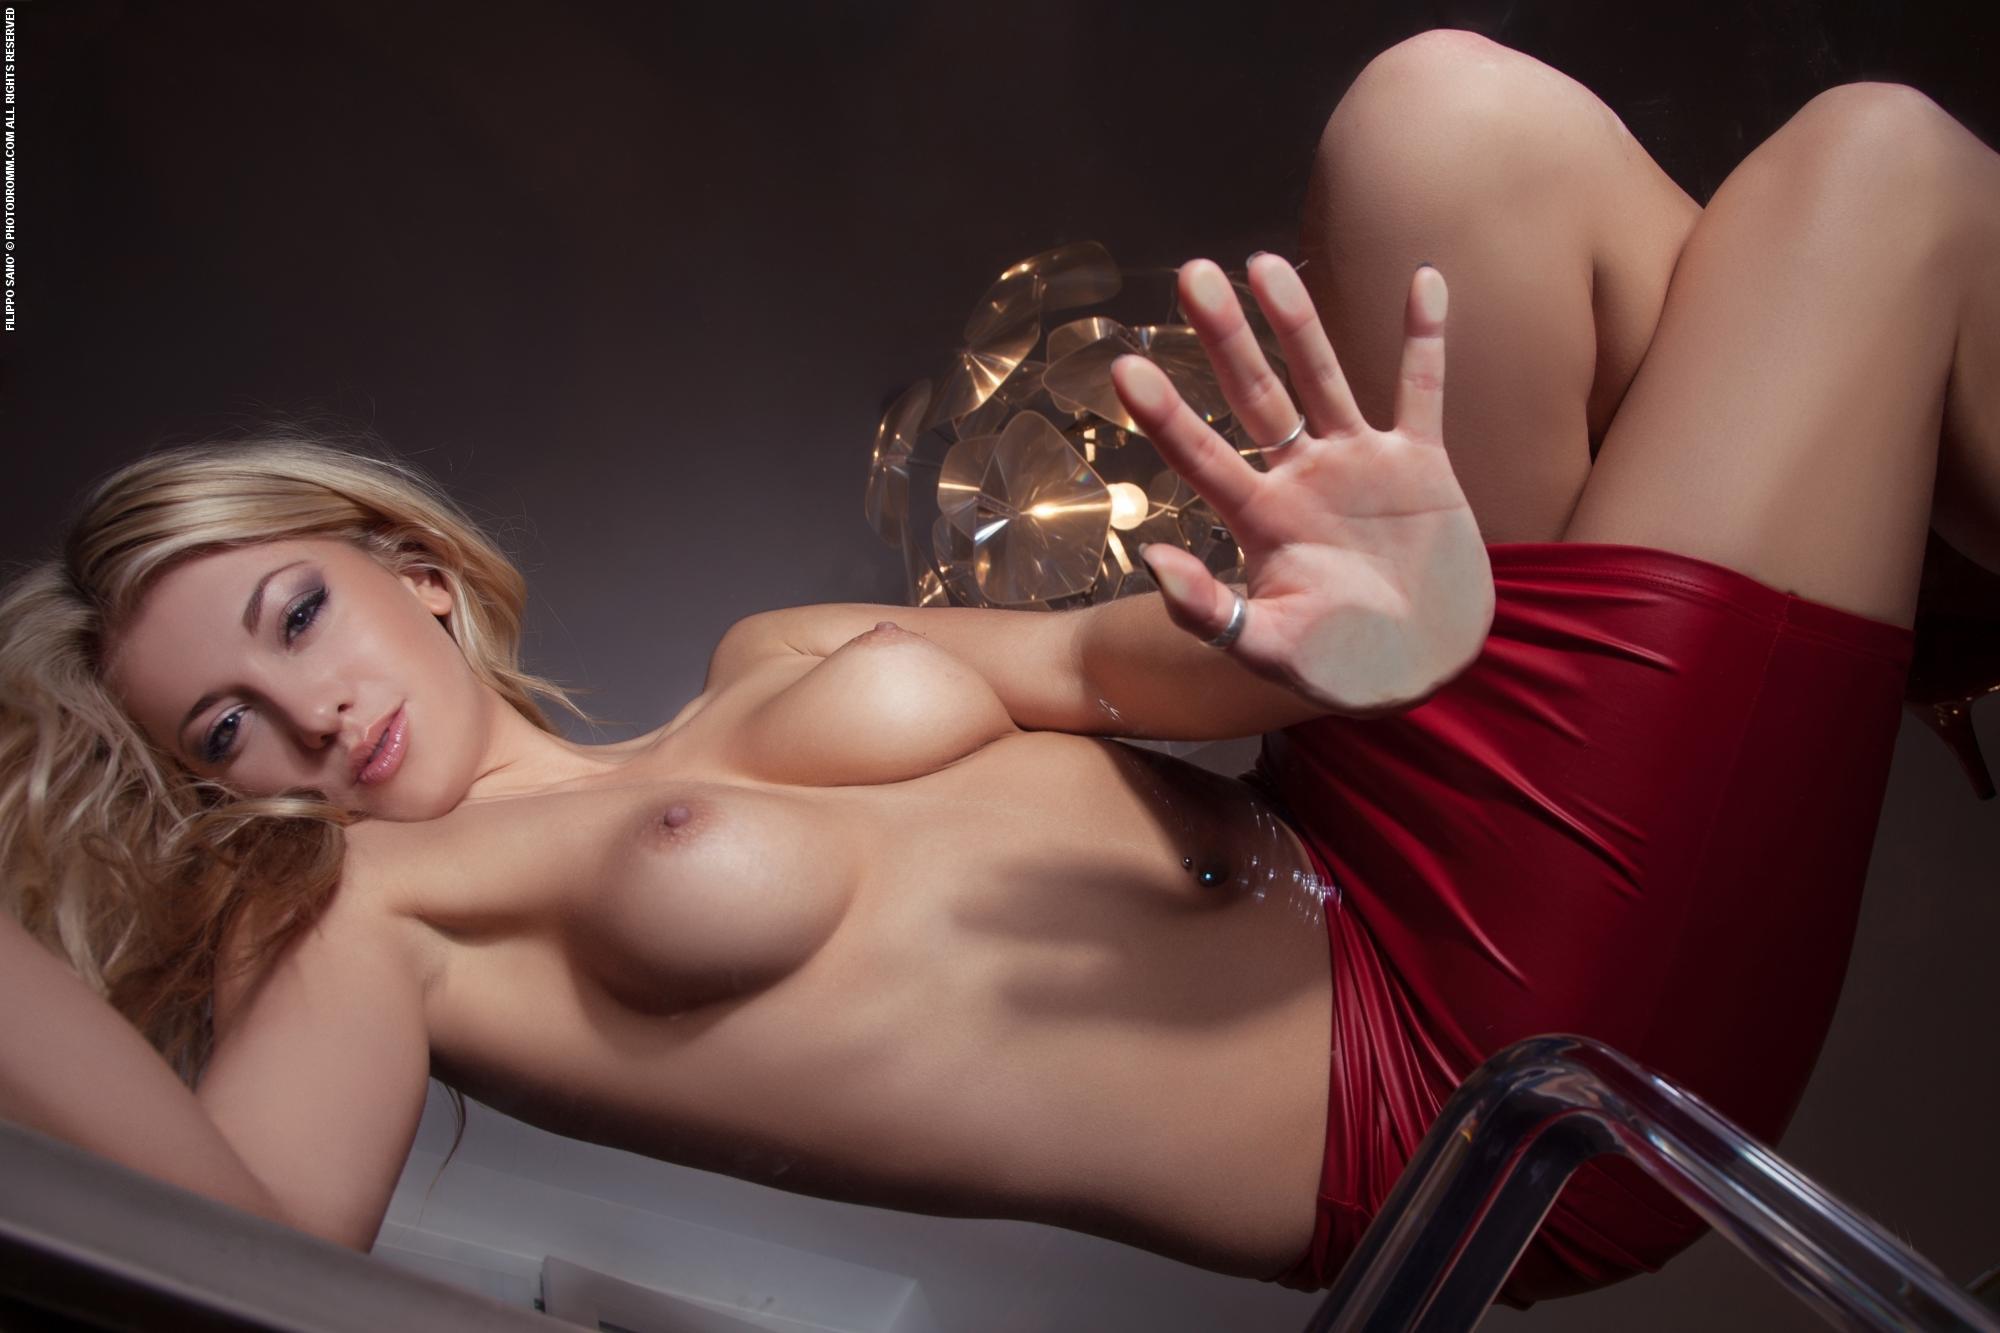 Фотки на телефон в рп голые женщины и их прелести, порно фото красивых вагин крупным планом